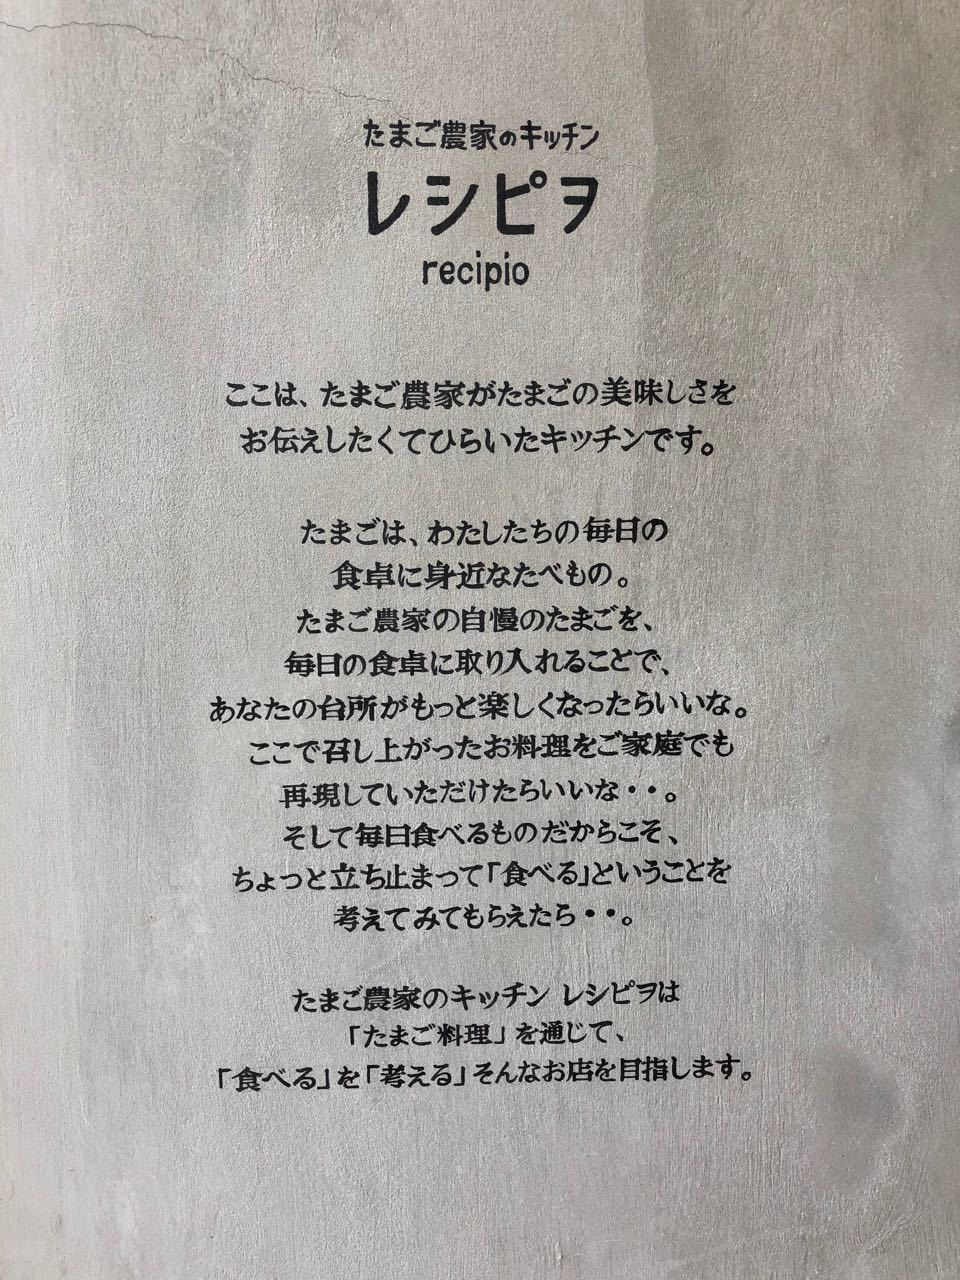 2020.01.21「たまご農家のキッチン「レシピヲ」」_c0197974_10063381.jpg